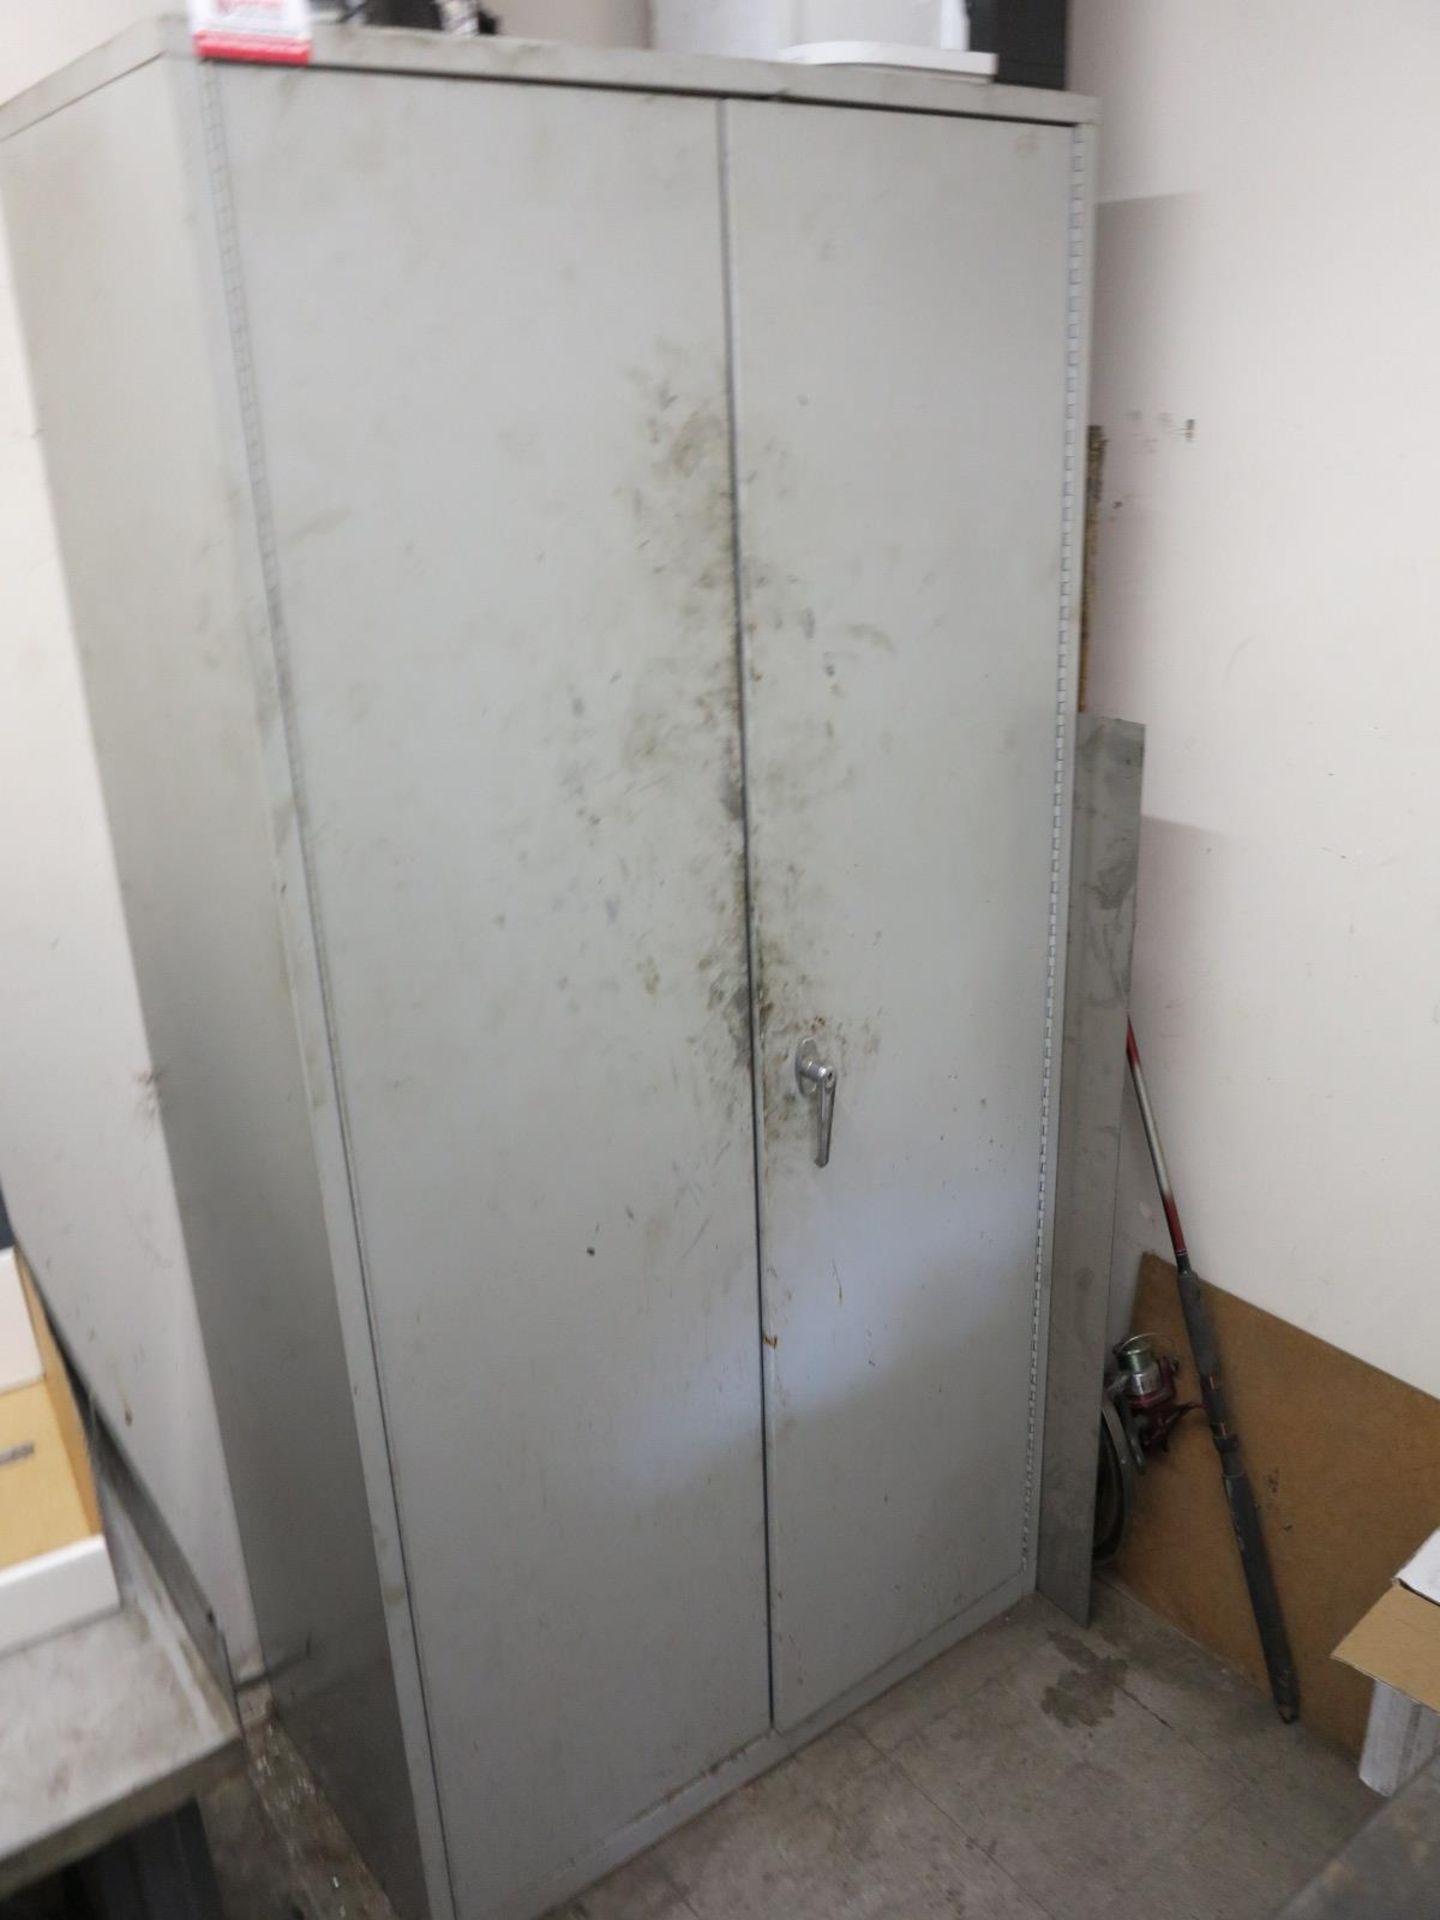 Lot 10 - 2-DOOR STORAGE CABINET, EMPTY